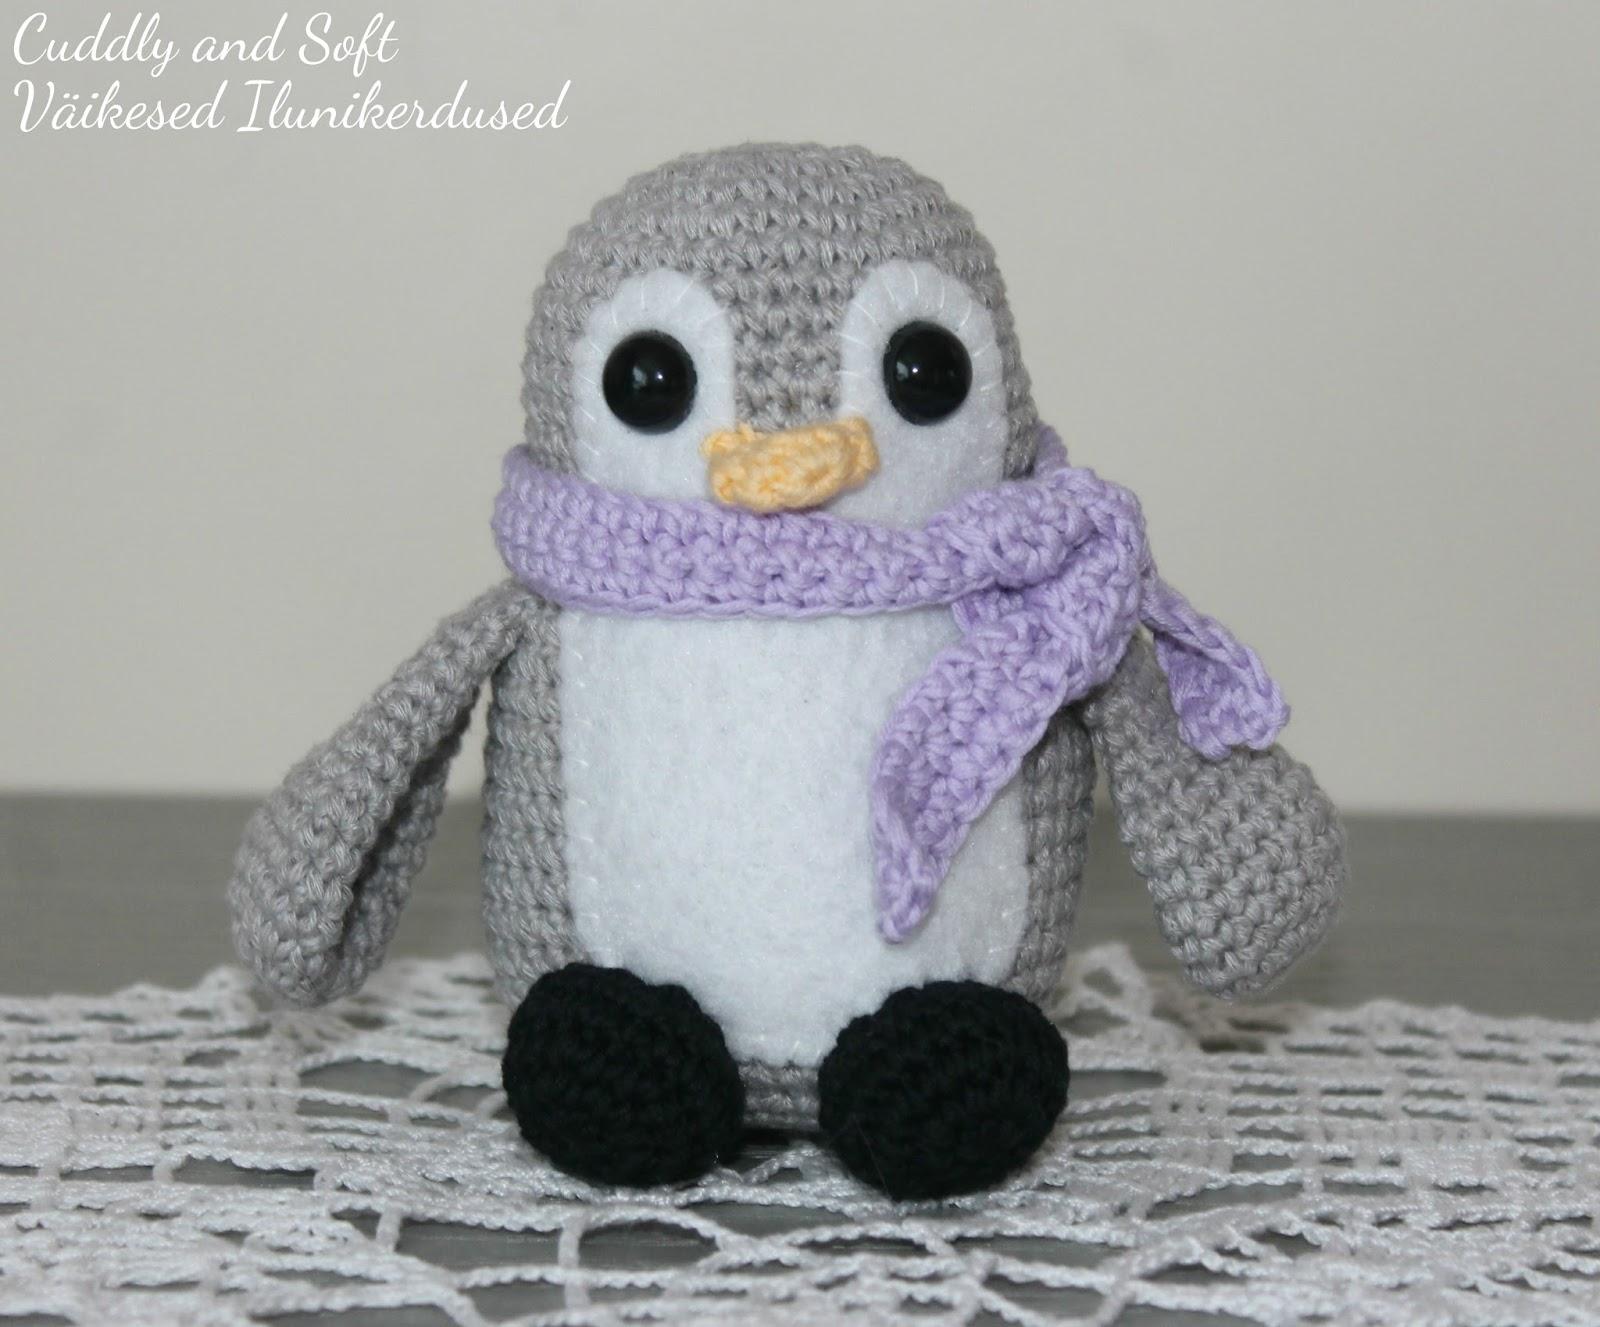 6d753142b37 Väikesed Ilunikerdused: Pingviin enneaegsete laste toetuseks